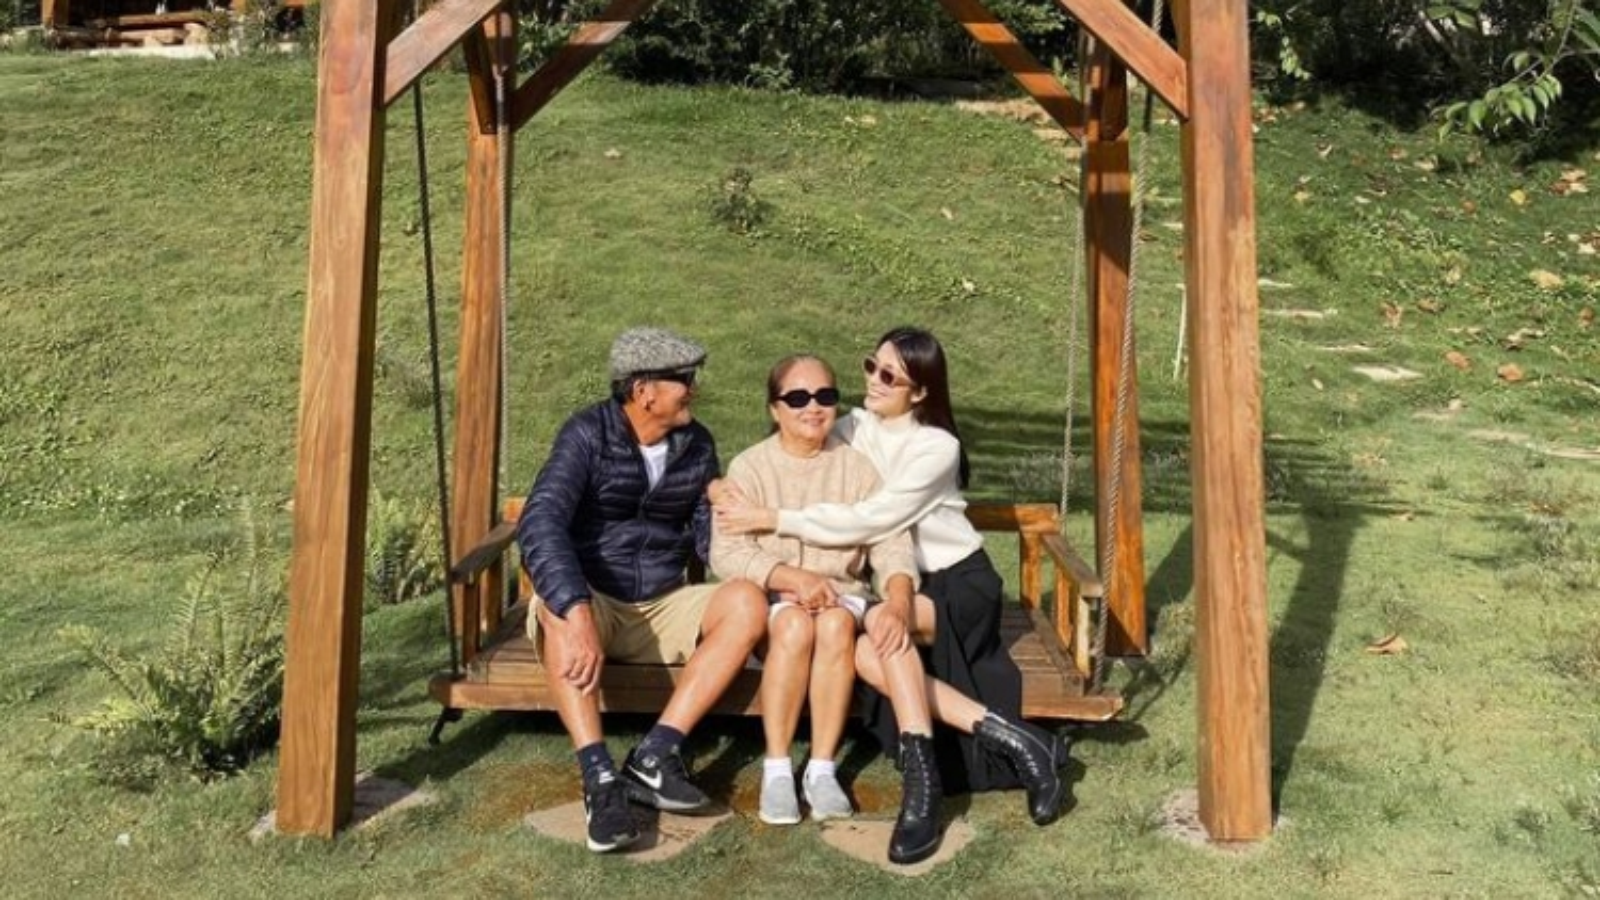 Tăng Thanh Hà hiếm hoi chia sẻ ảnh đi du lịch cùng bố mẹ